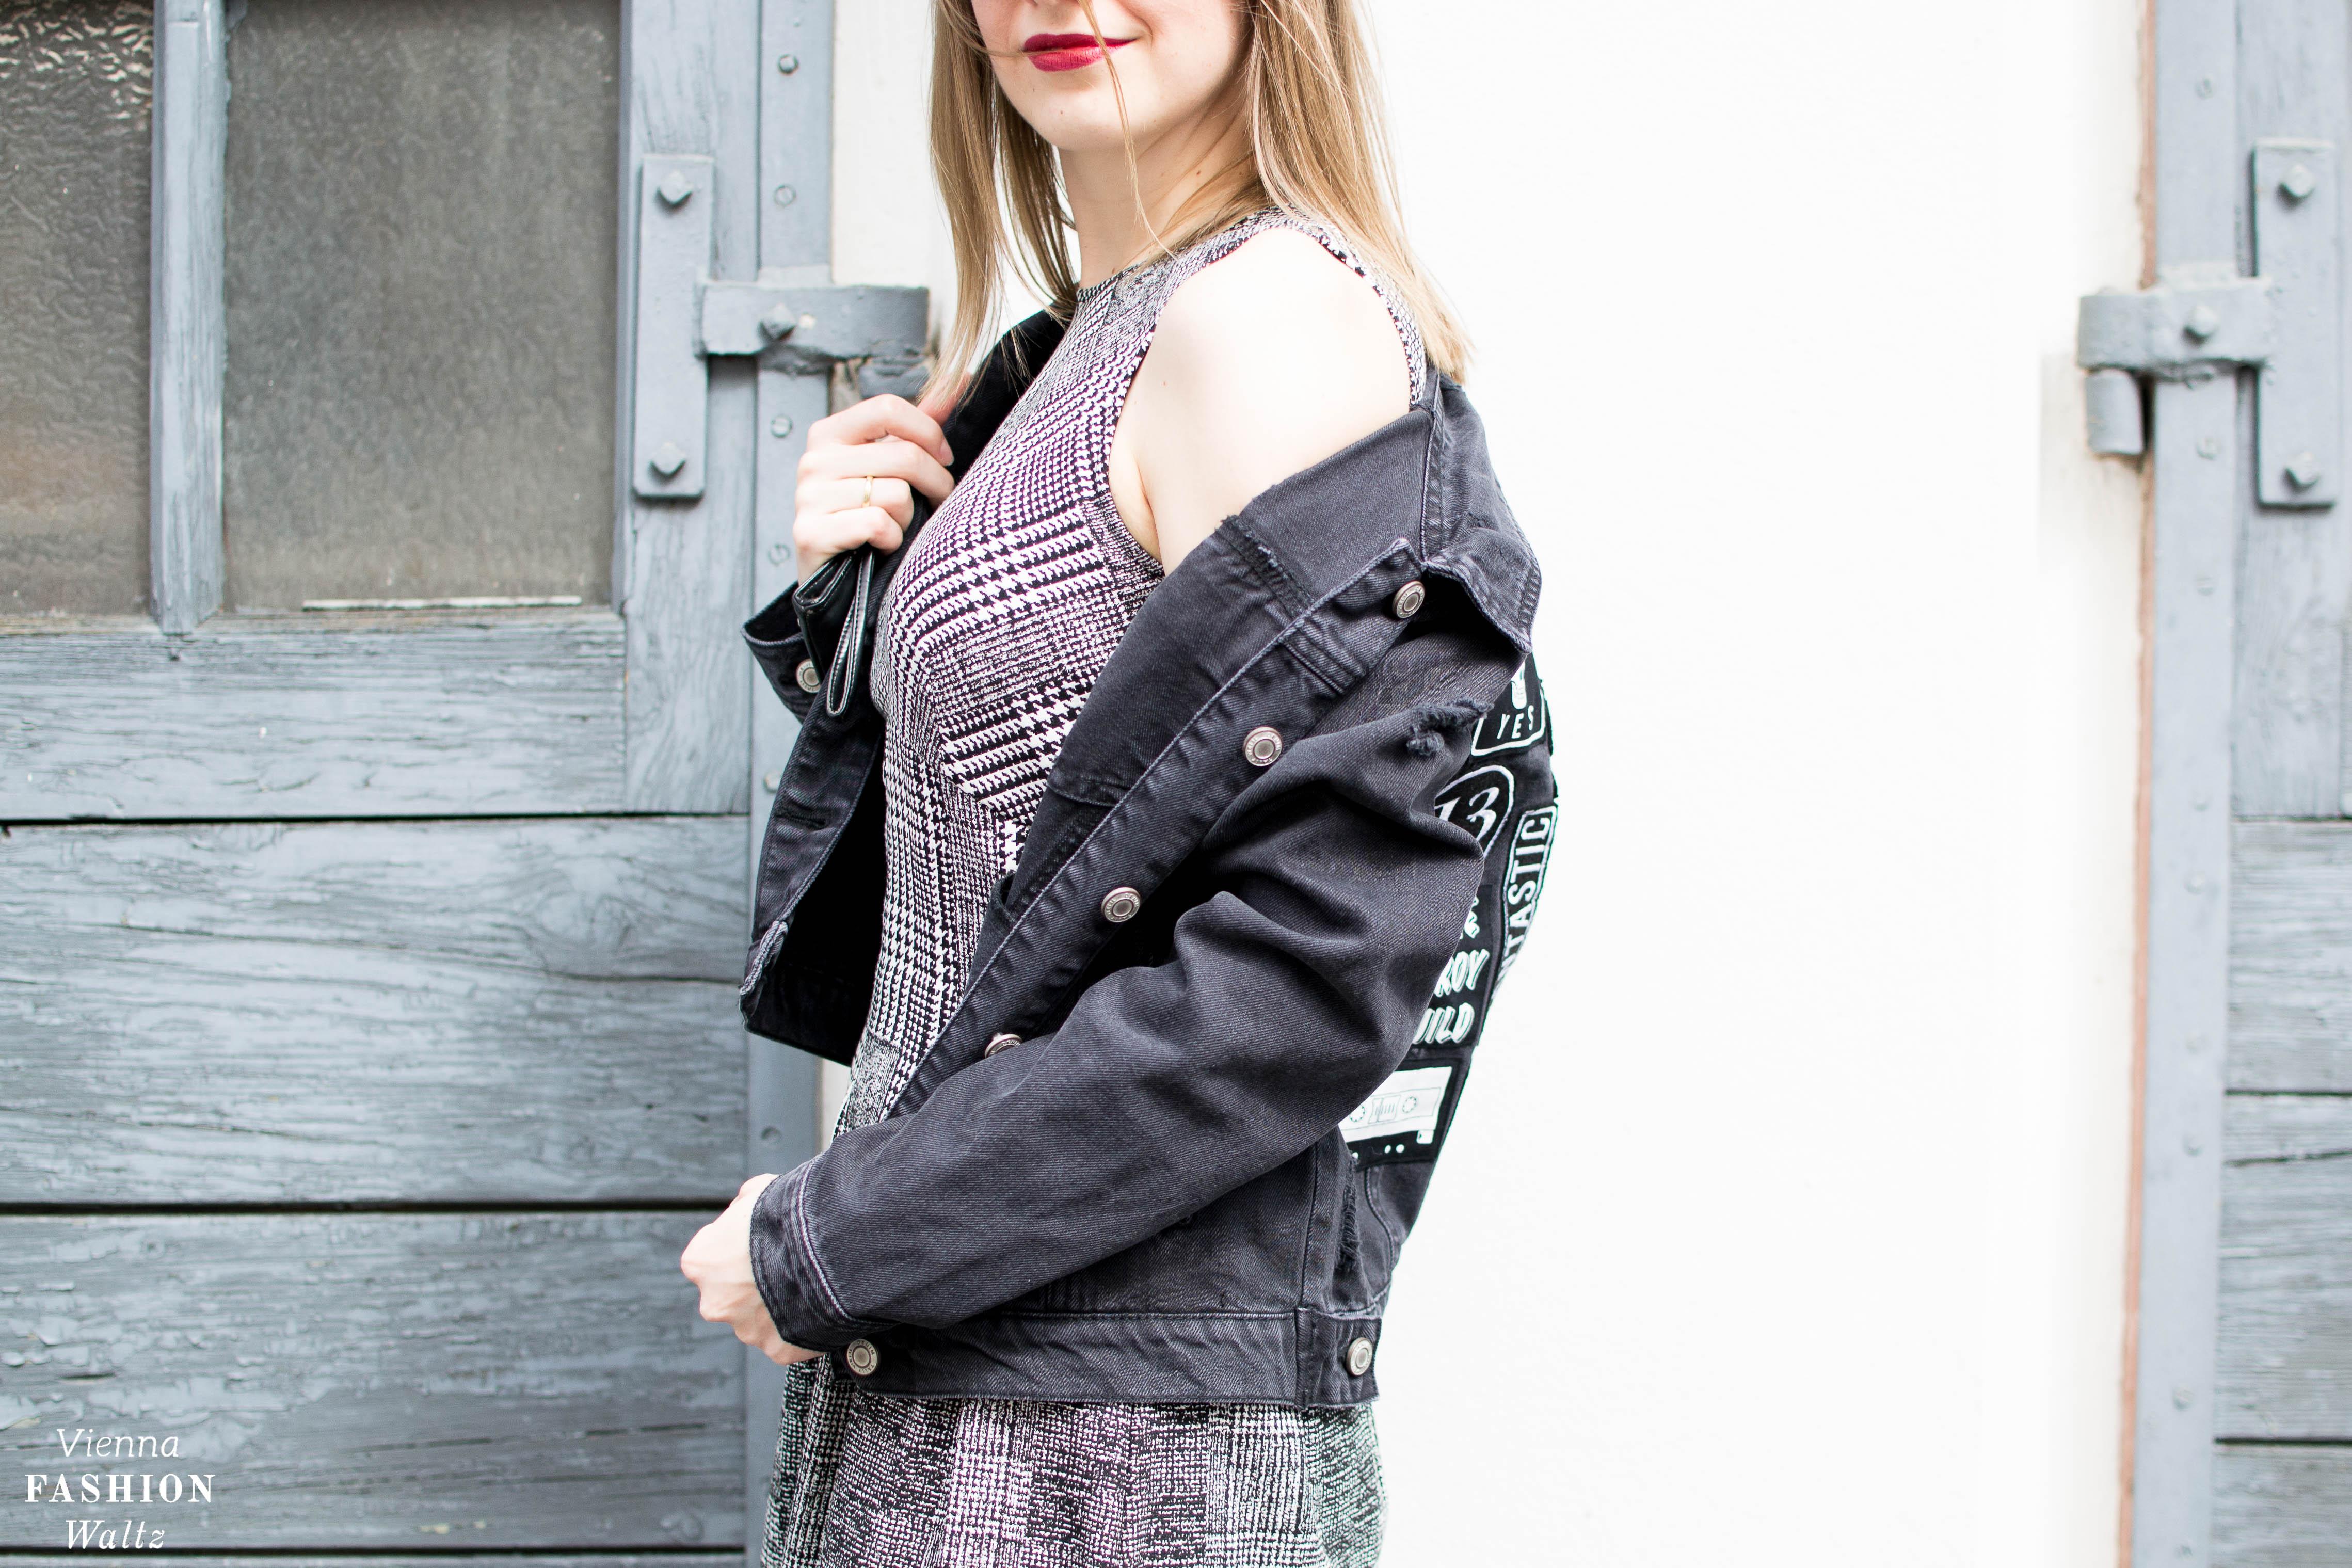 Studded Boots, Fashion Trends, Karo Muster, Rock Chic, Punk Outfit, Black Jeans Jacket with badges, Biker Boots mit Schnallen, Deichmann, Streetstyle Vienna,www.viennafashionwaltz.com